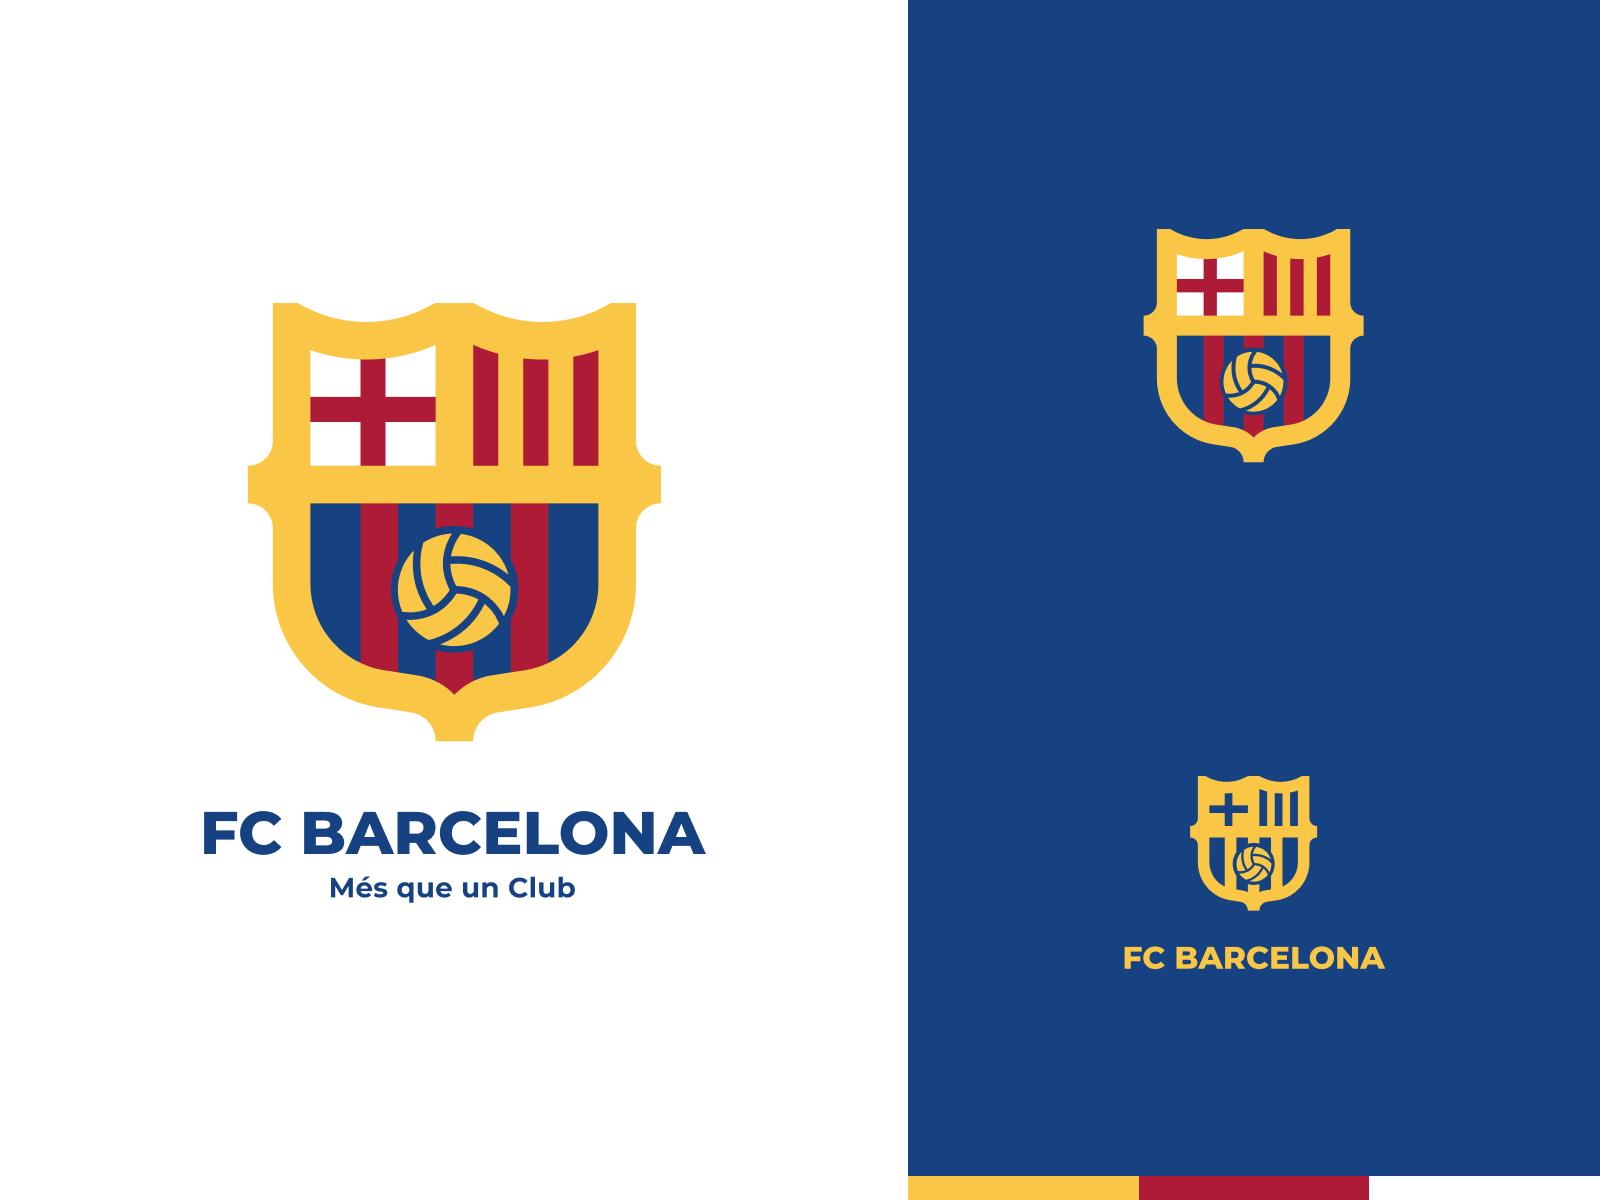 fcb logo fcb logo football app soccer logo fcb logo football app soccer logo